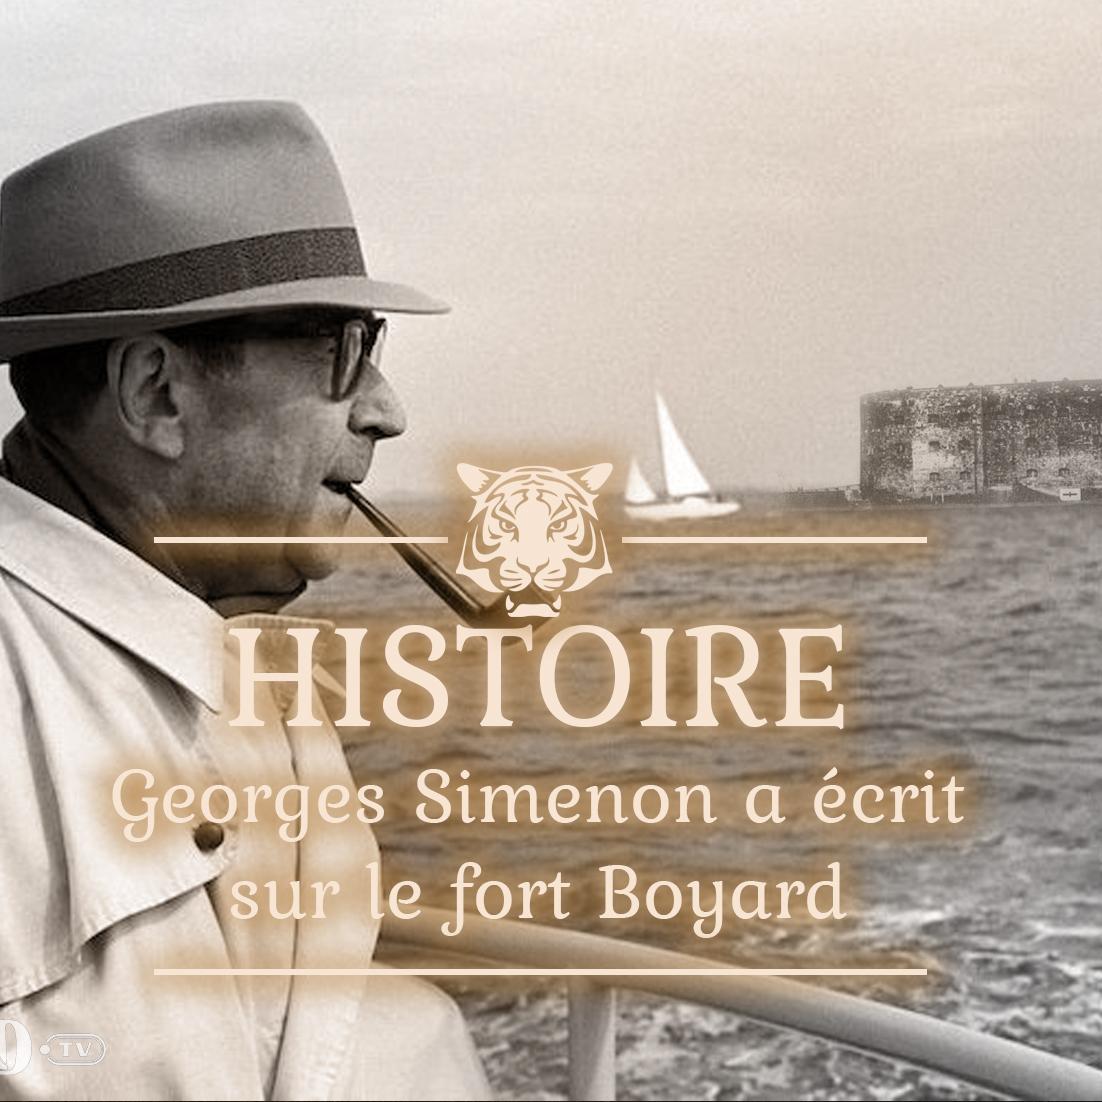 Quand Georges Simenon écrivait sur le fort Boyard